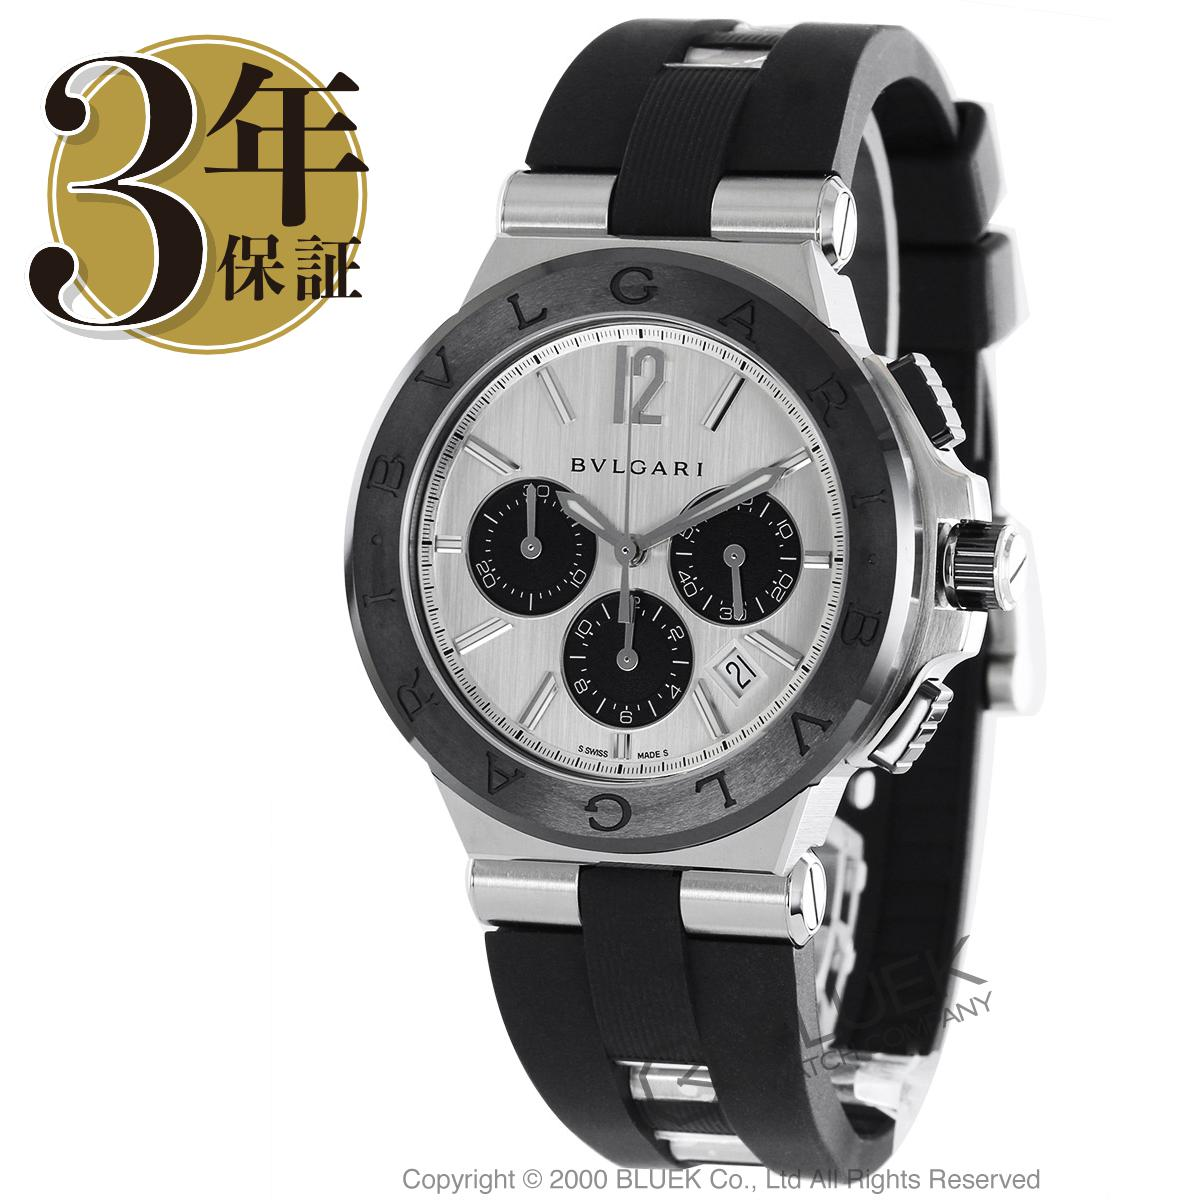 ブルガリ ディアゴノ セラミック クロノグラフ 腕時計 メンズ BVLGARI DG42C6SCVDCH_3